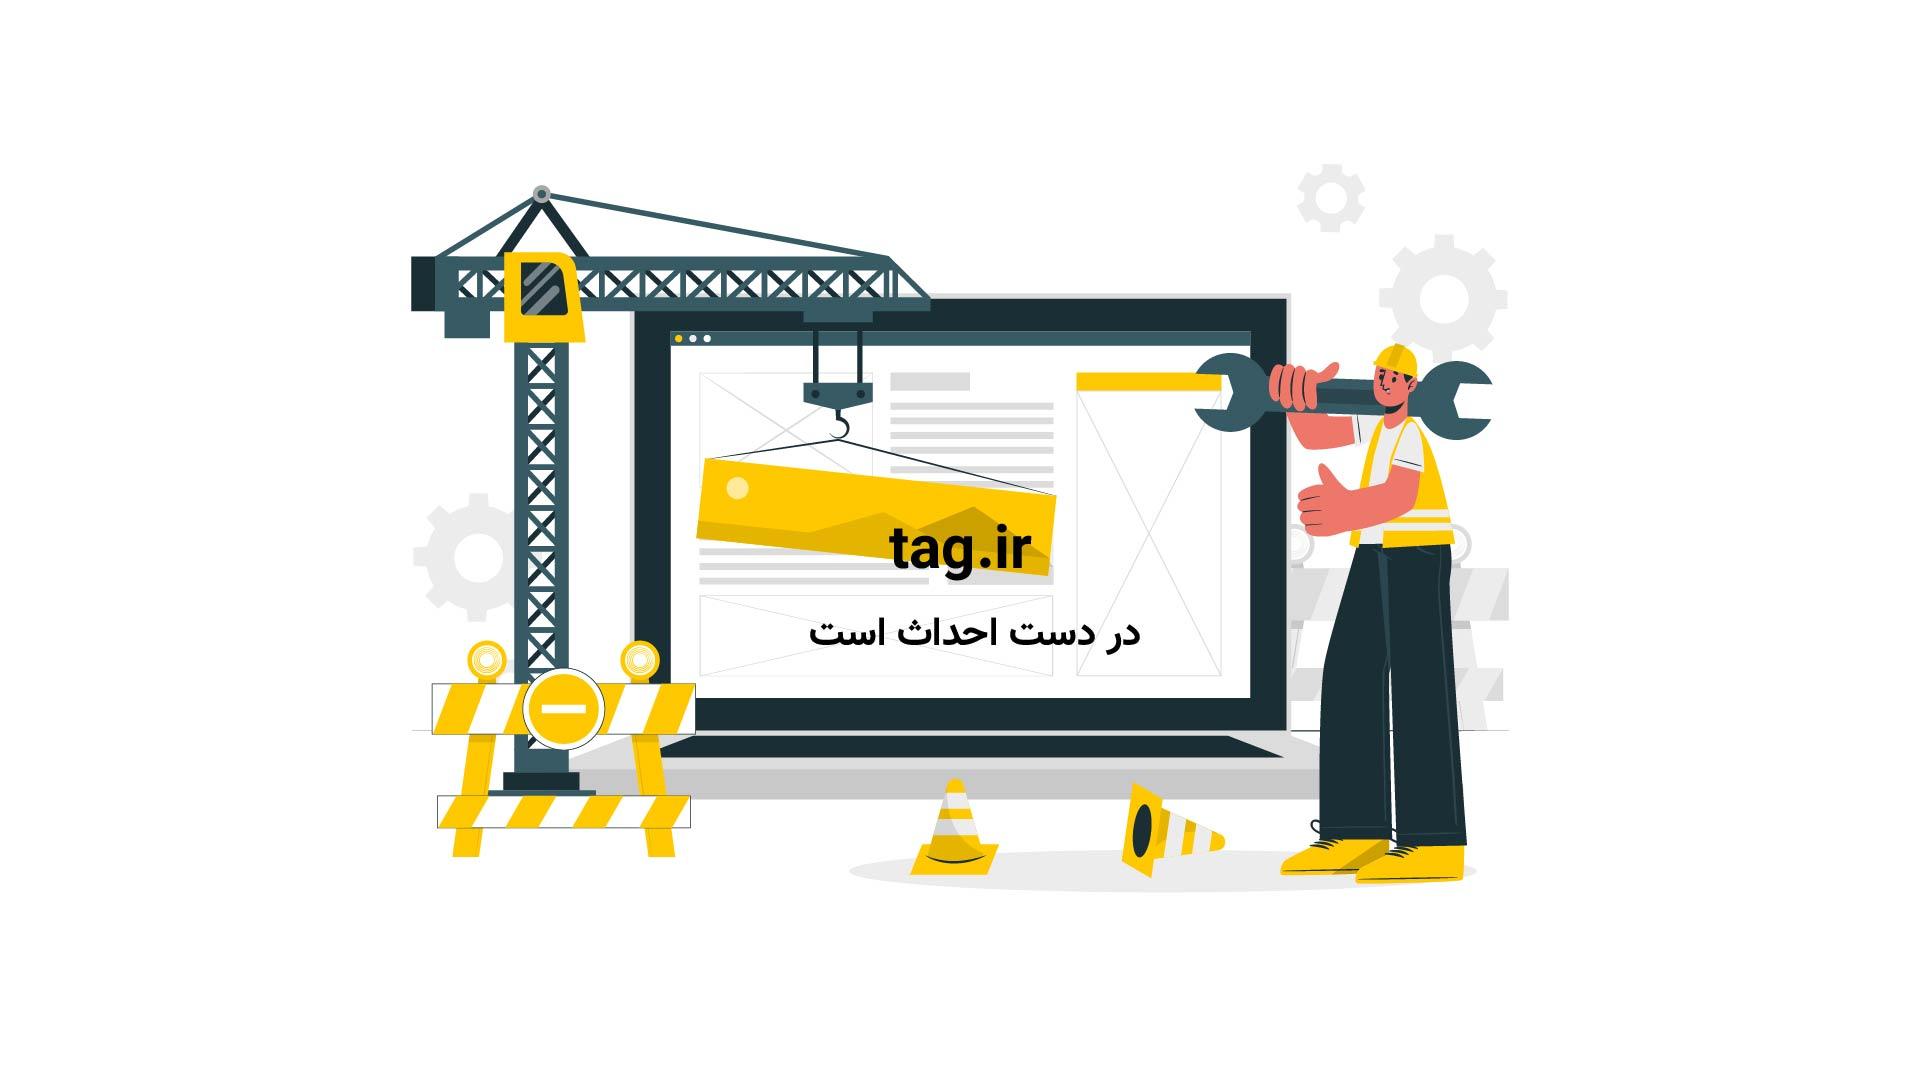 انتظار کبوترها برای رسیدن مردی که هر روز برایشان دانه می ریزد + فیلم